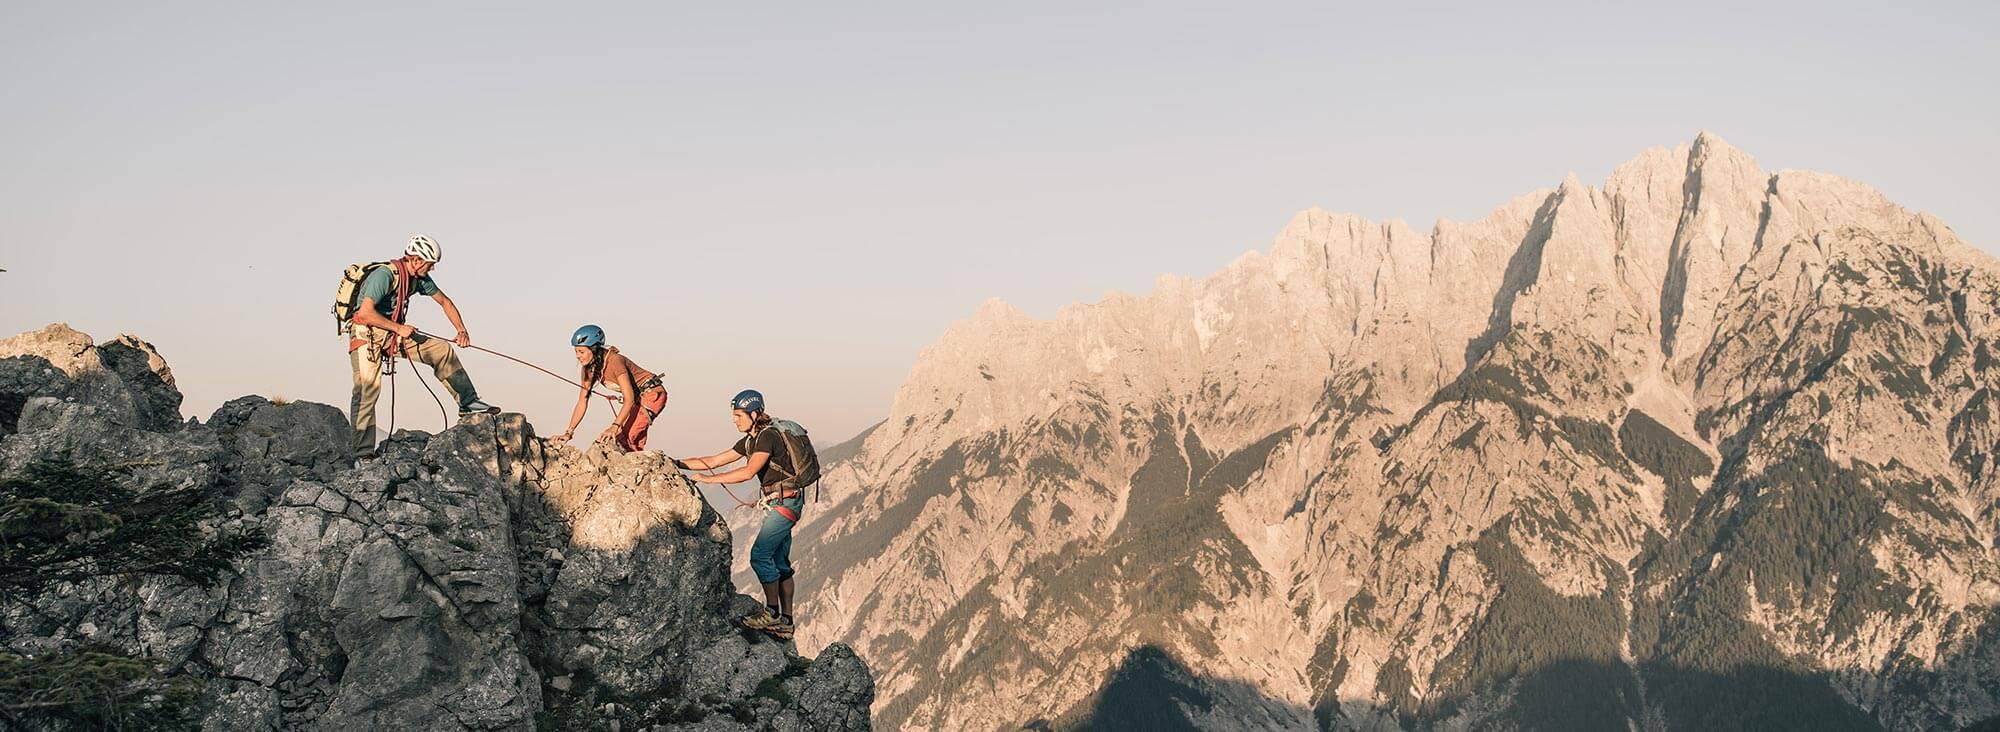 Medien - Alpinschule Alpinstil